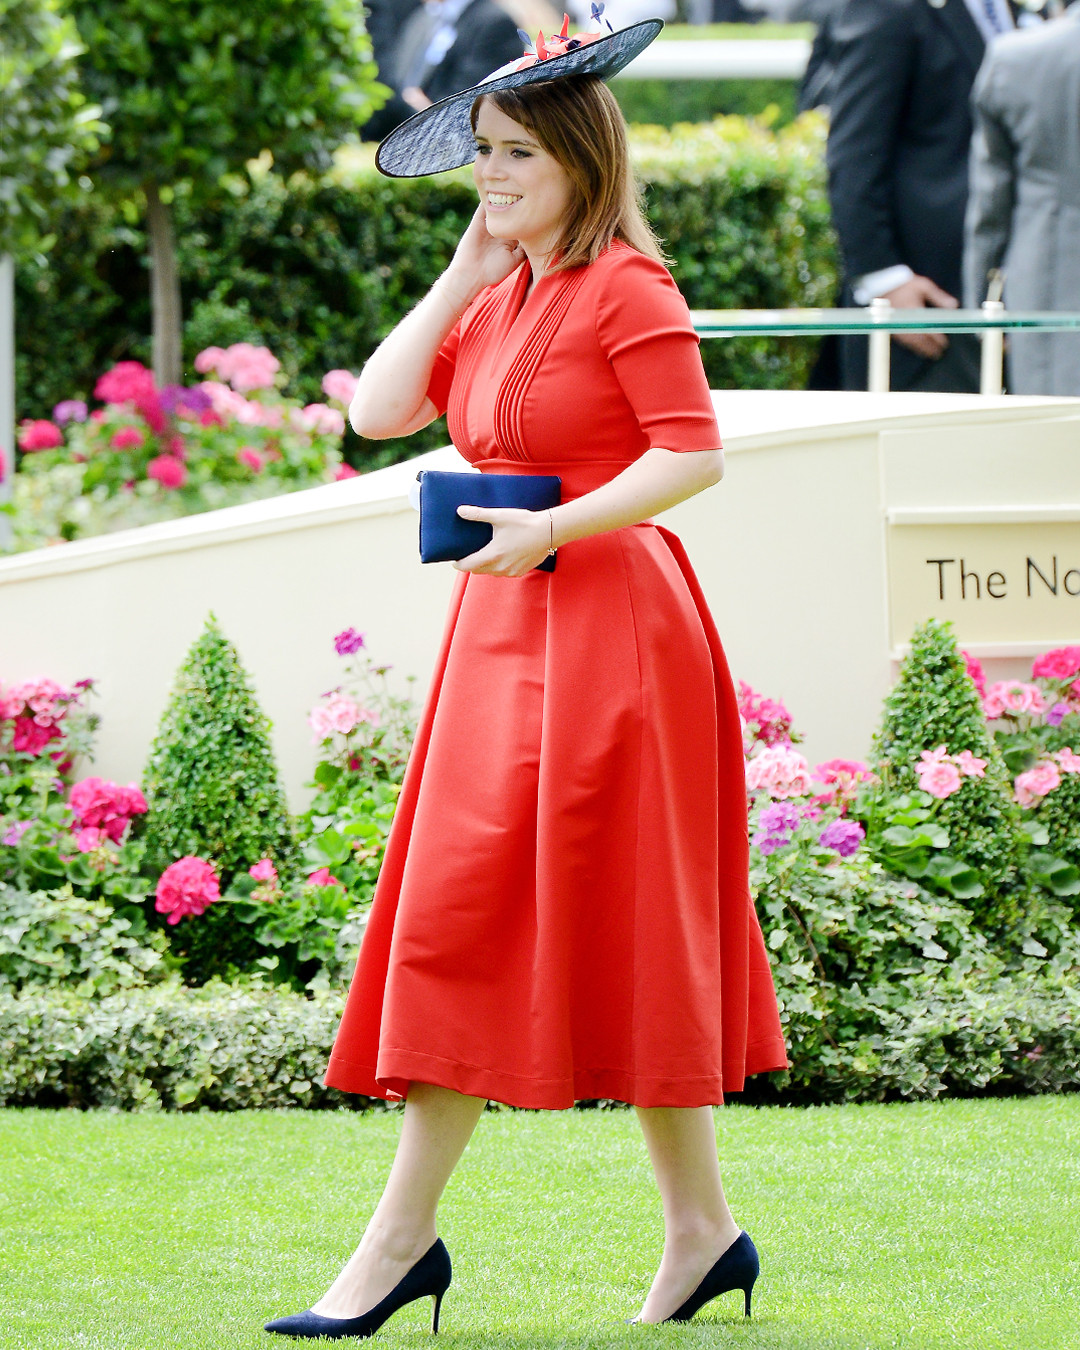 ESC: Princess Eugenie of York